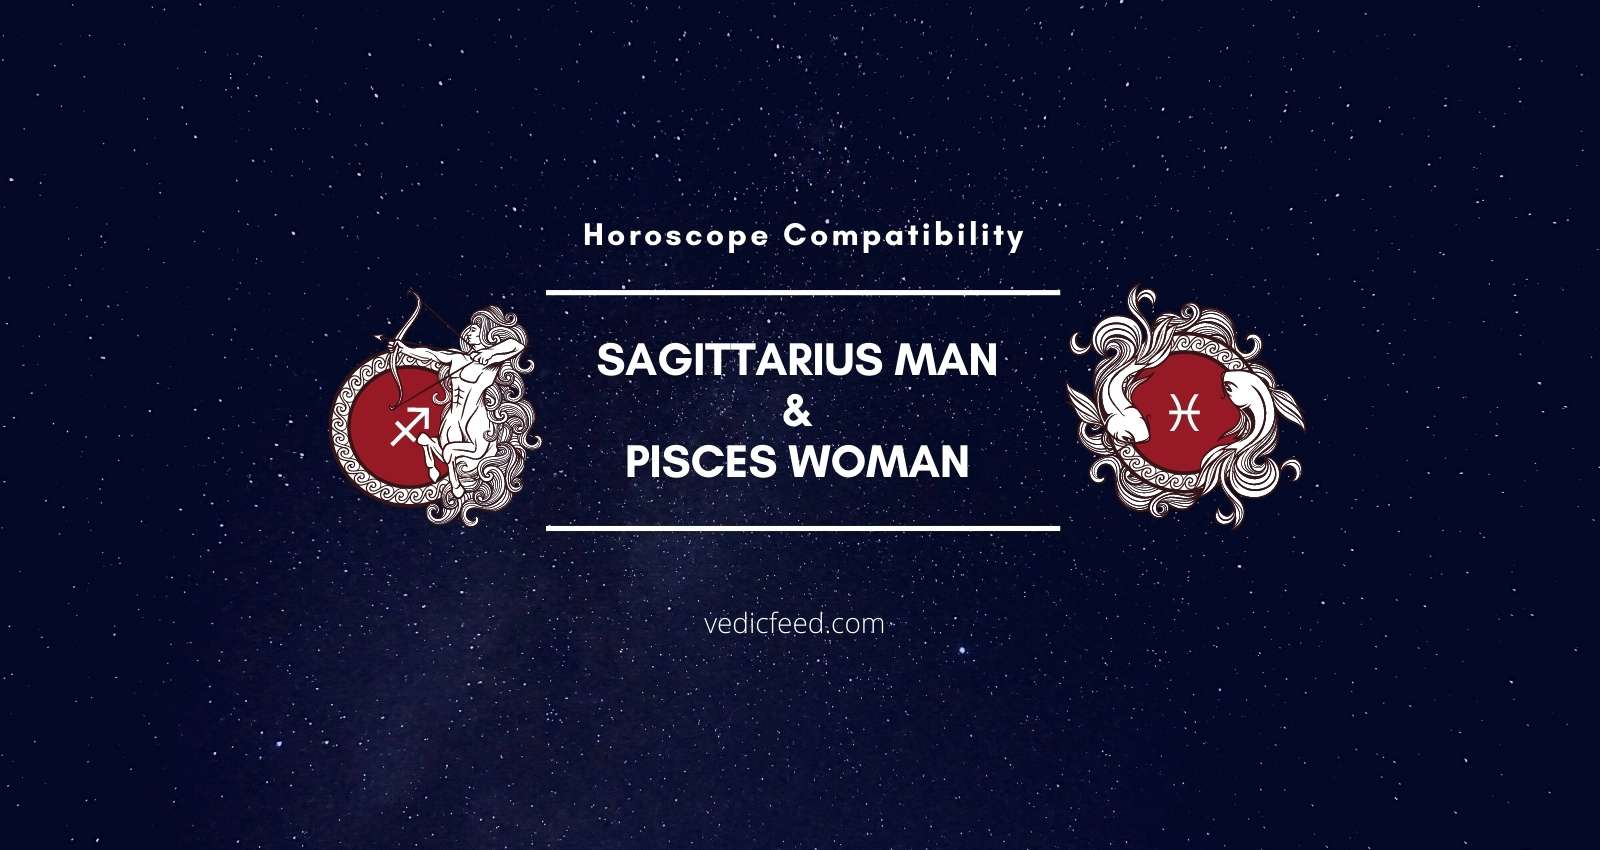 Sagittarius man and pisces woman